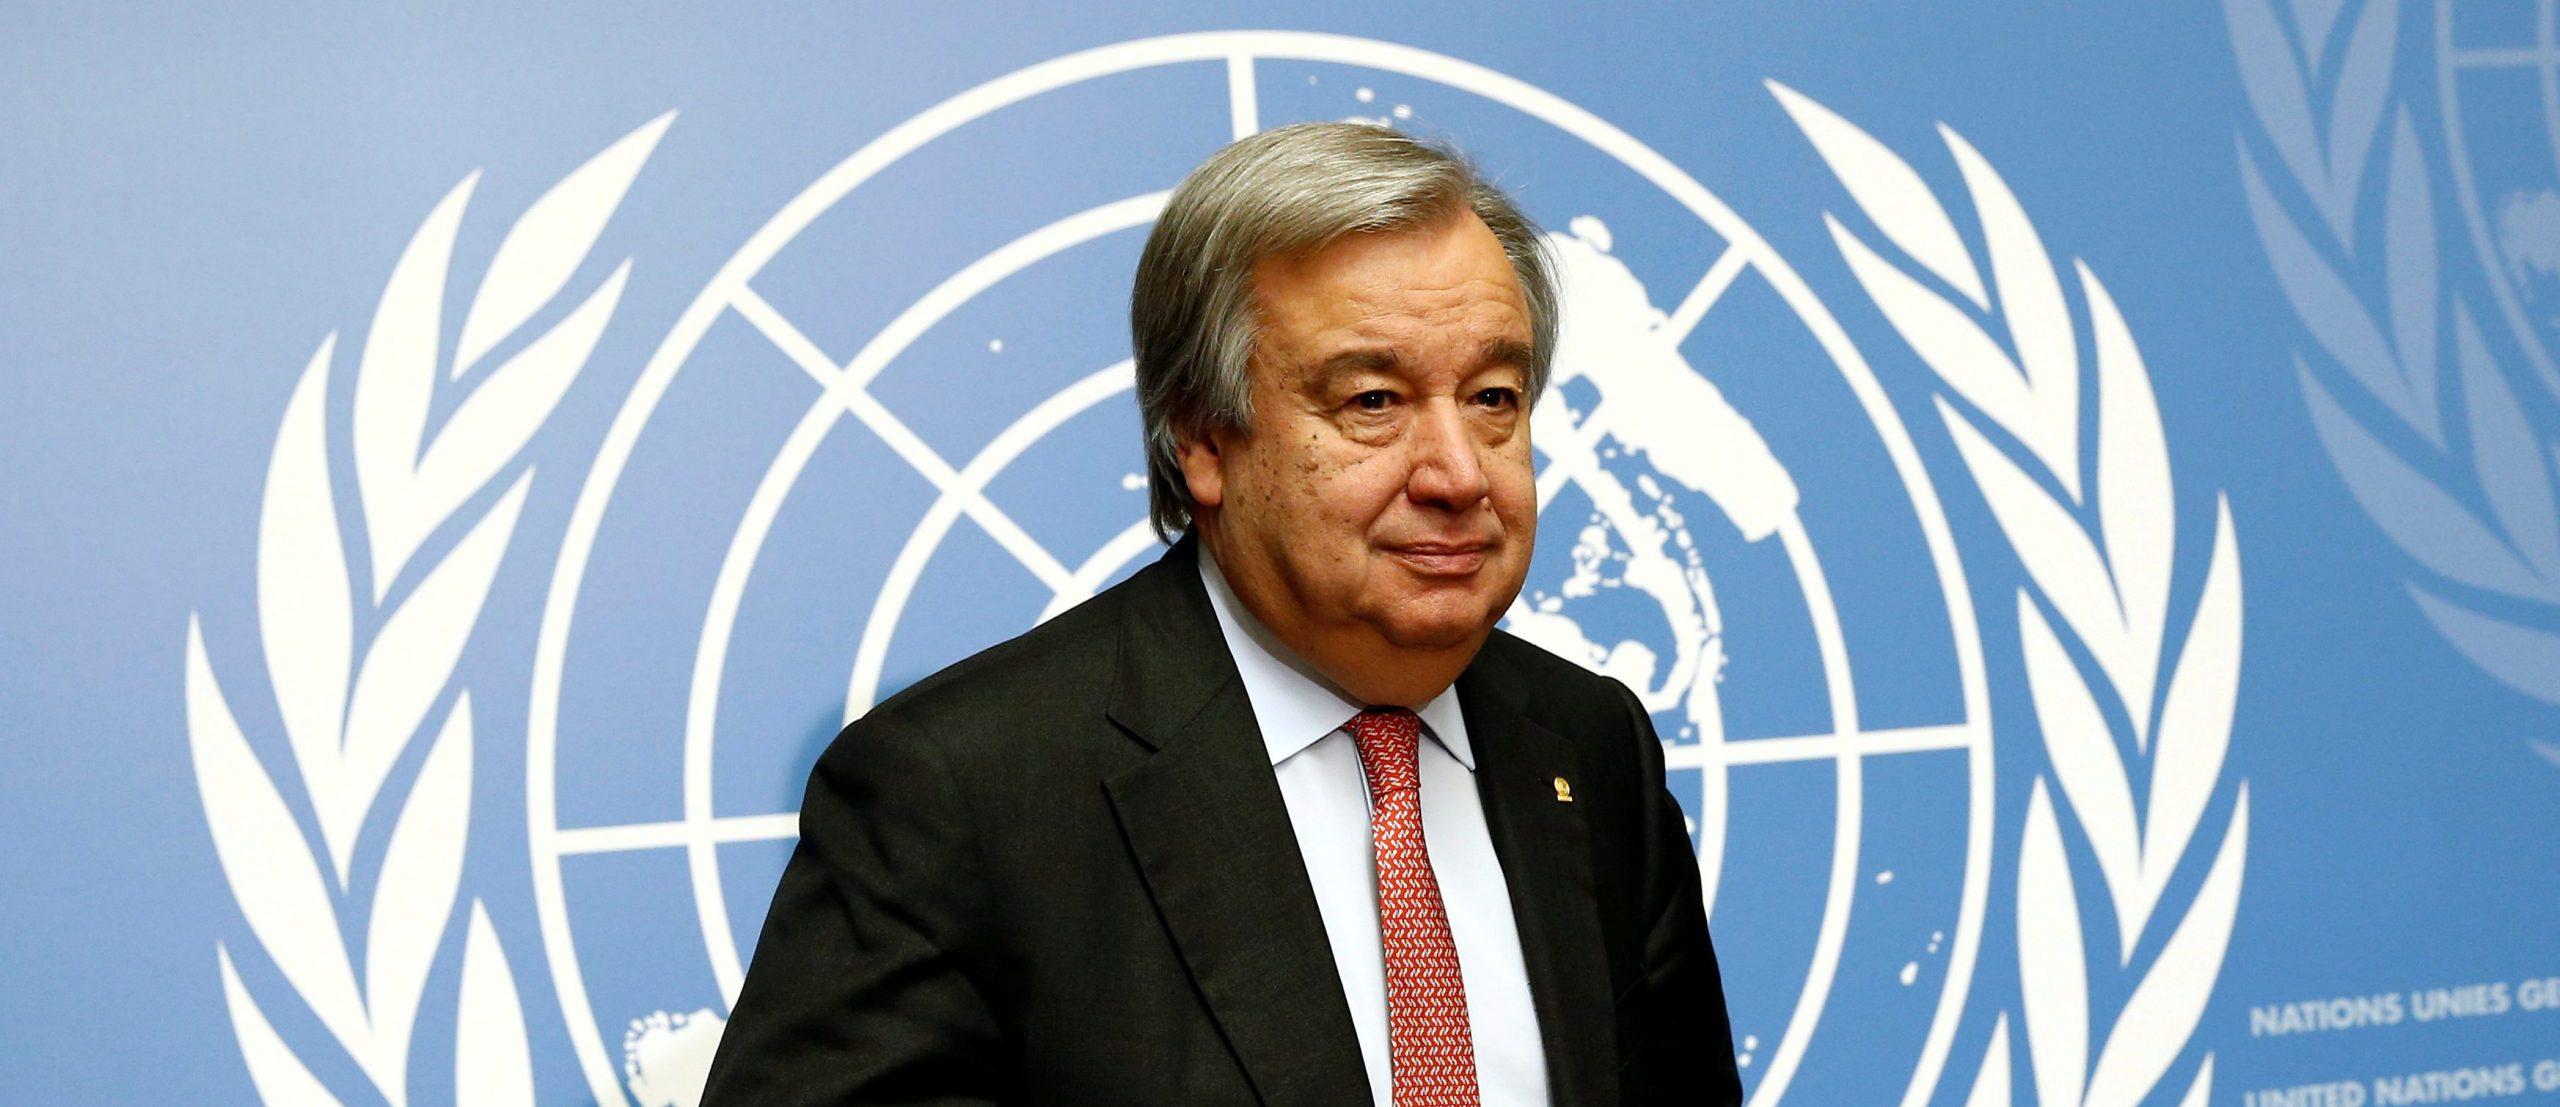 BM Genel Sekreteri António Guterres Cesur Eylem Çağrısında Bulundu!